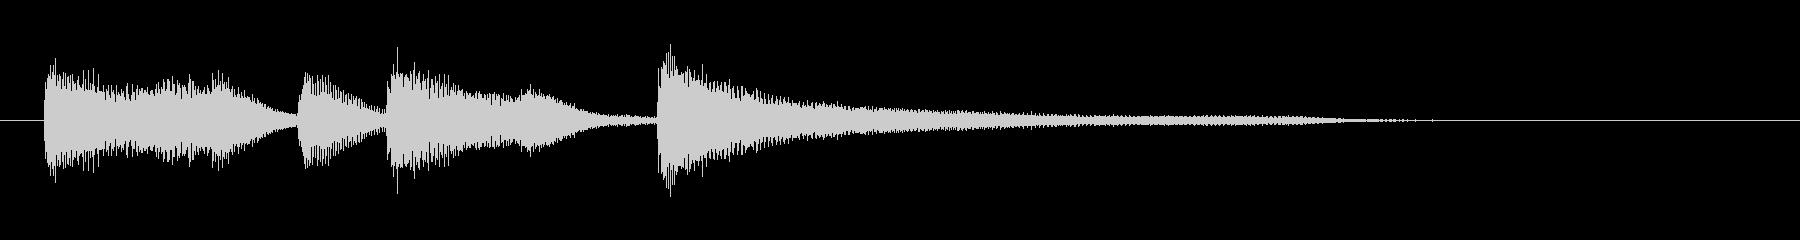 レベルアップやクリア時に流れそうなピアノの未再生の波形